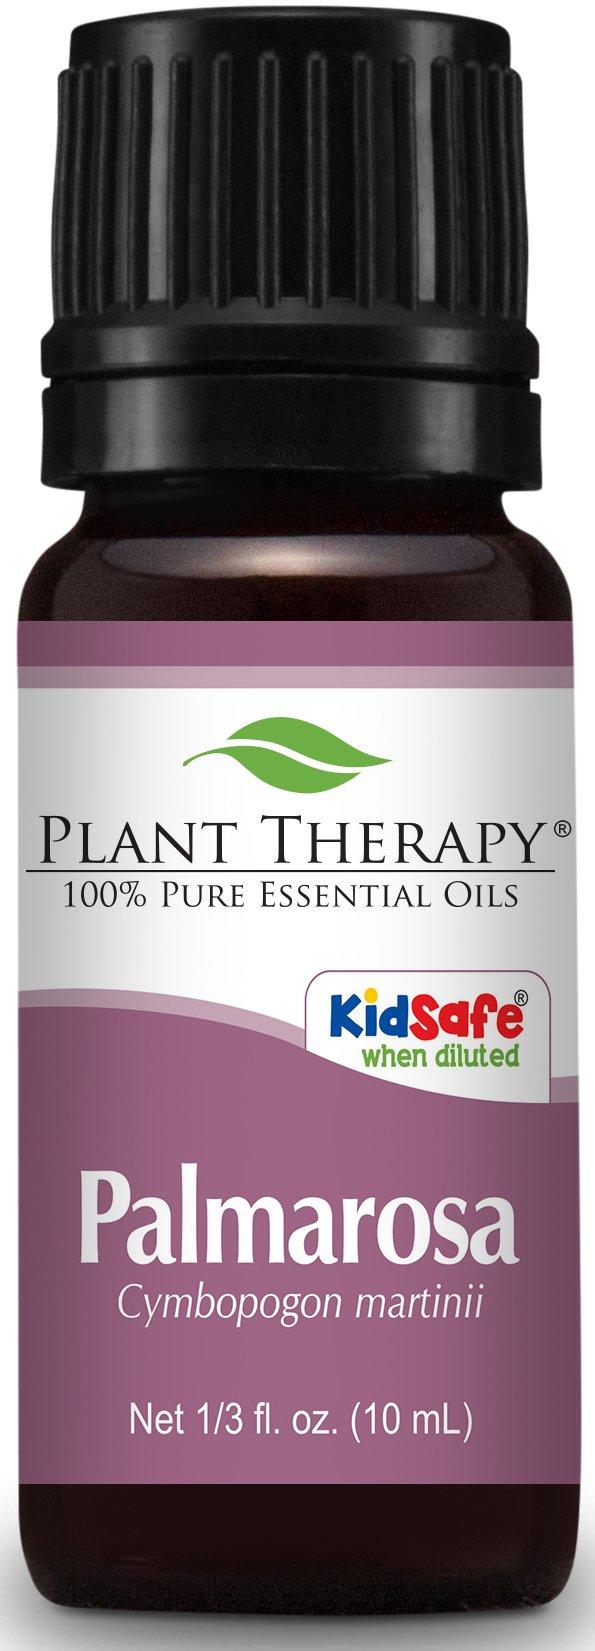 Plant Therapy Palmarosa Essential Oil 10 mL (1/3 oz) 100% Pure, Undiluted, Therapeutic Grade